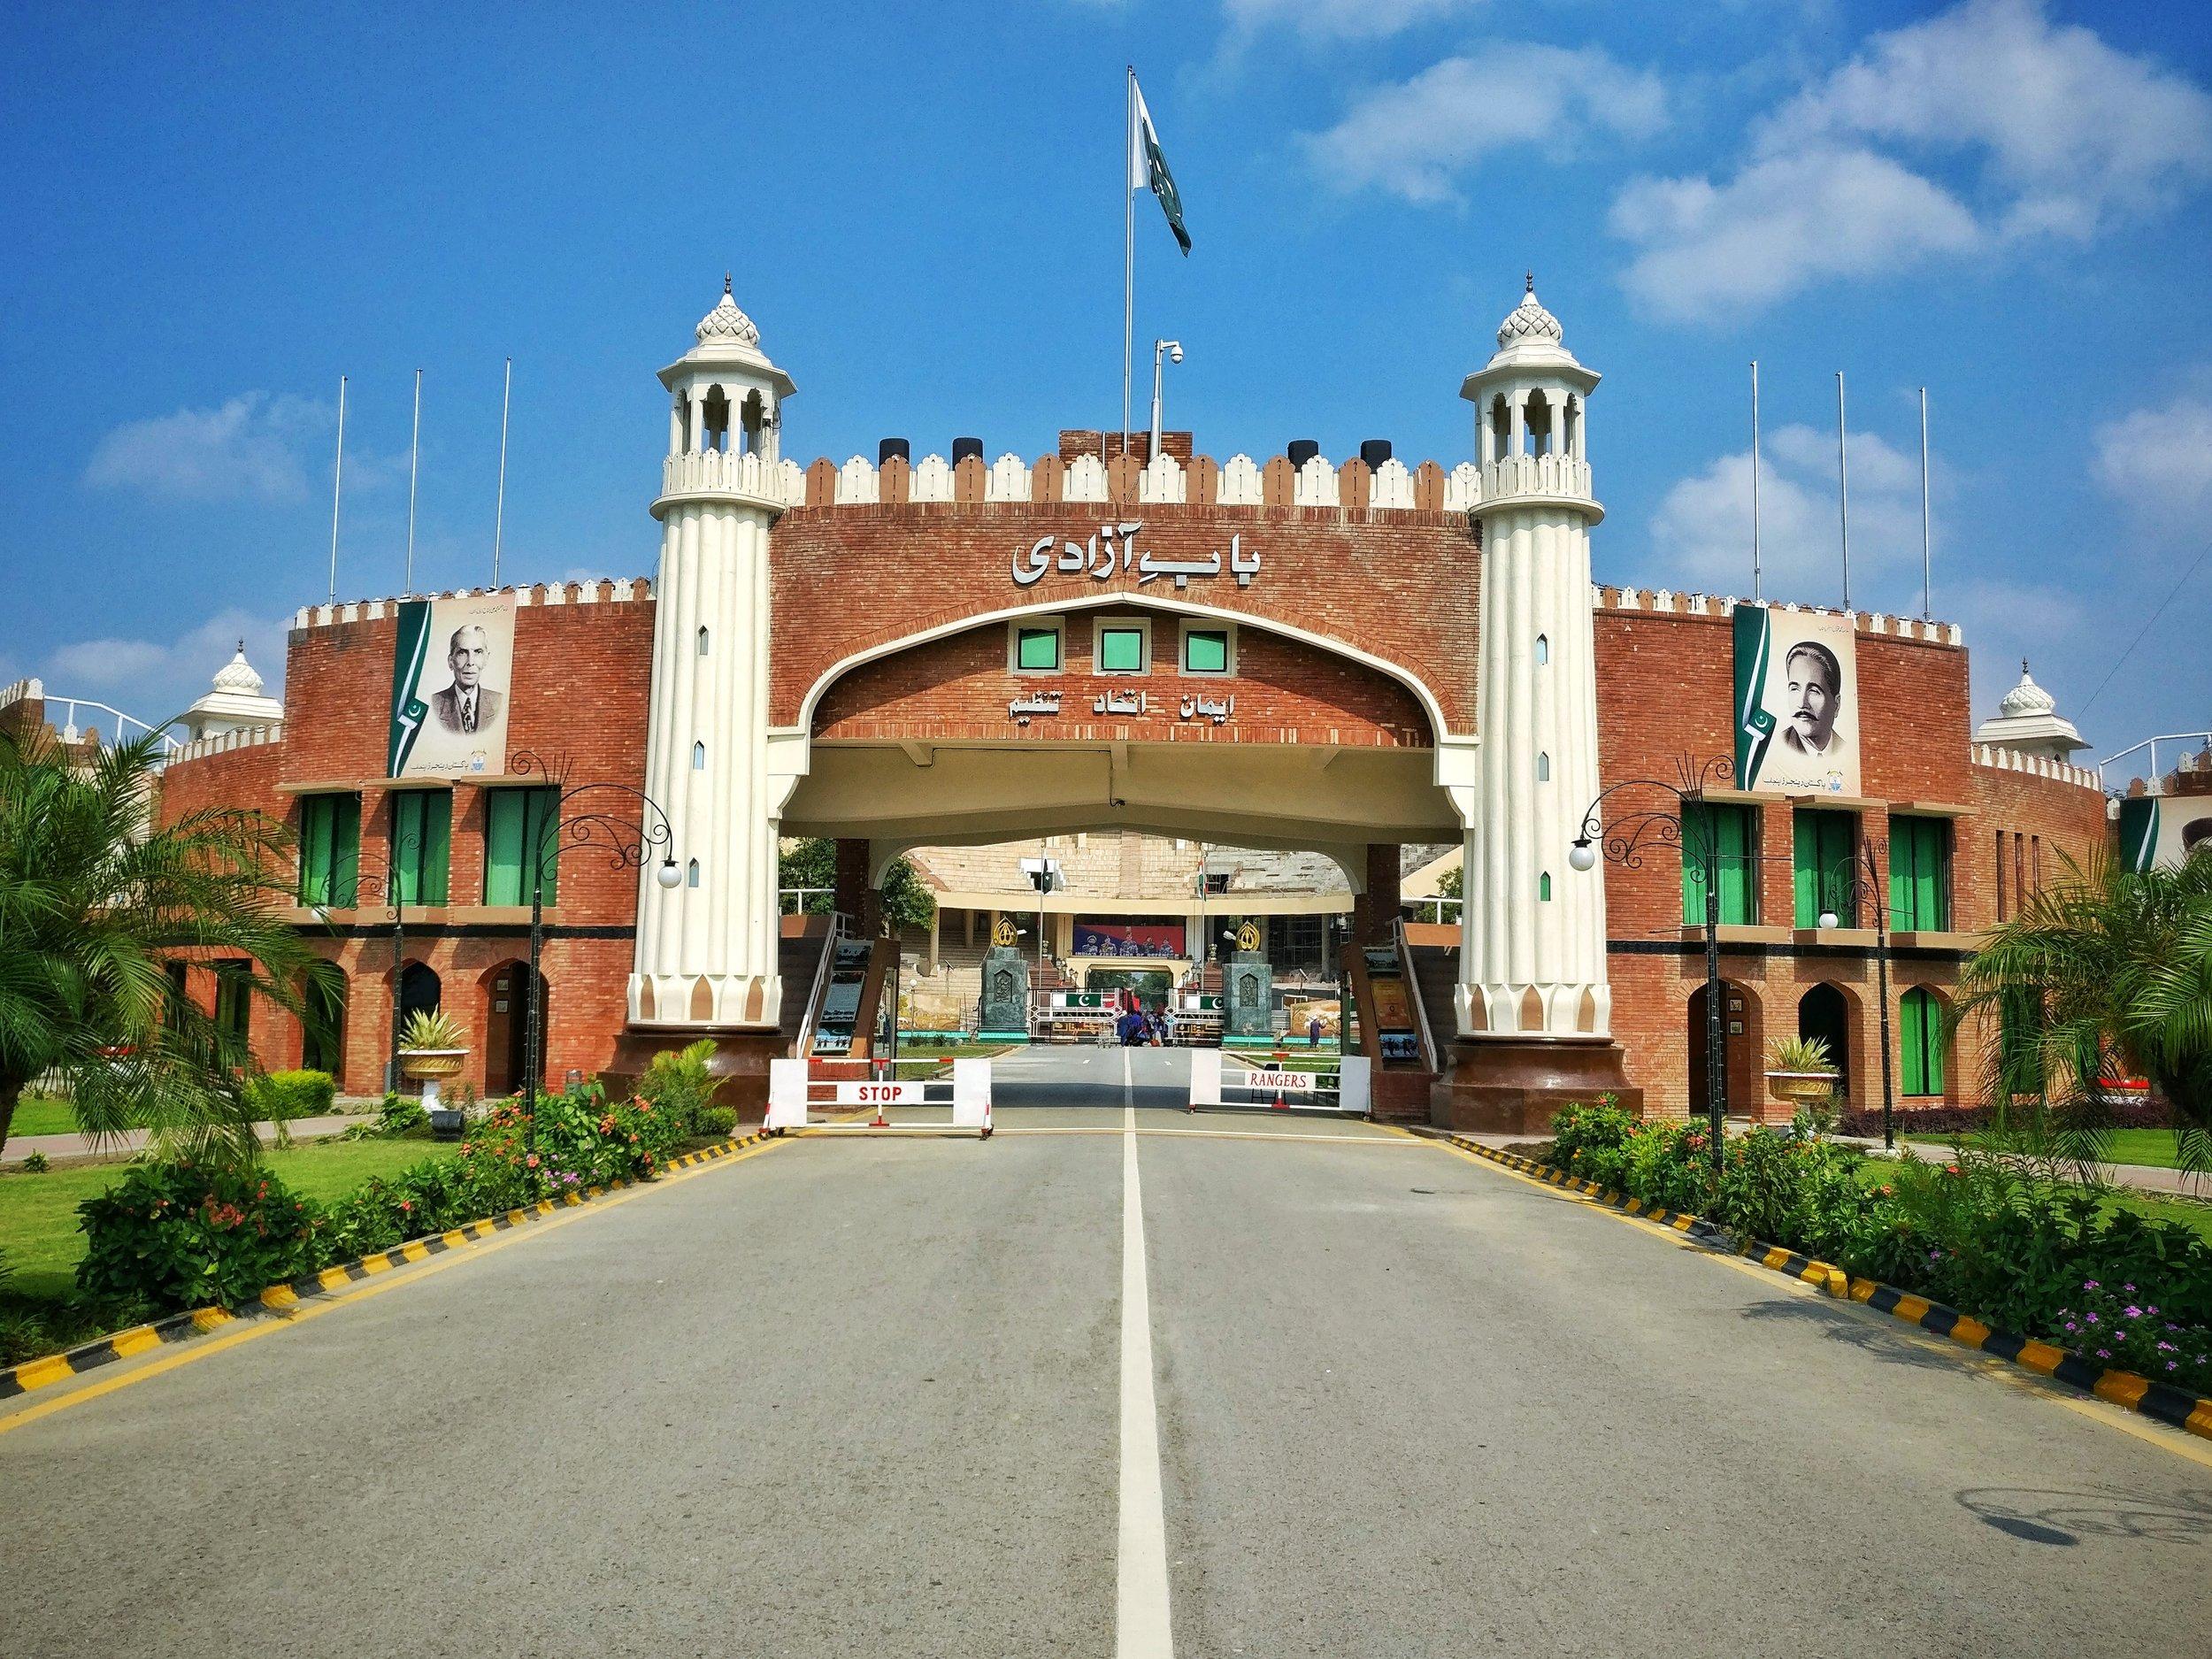 Approaching the Pakistani side